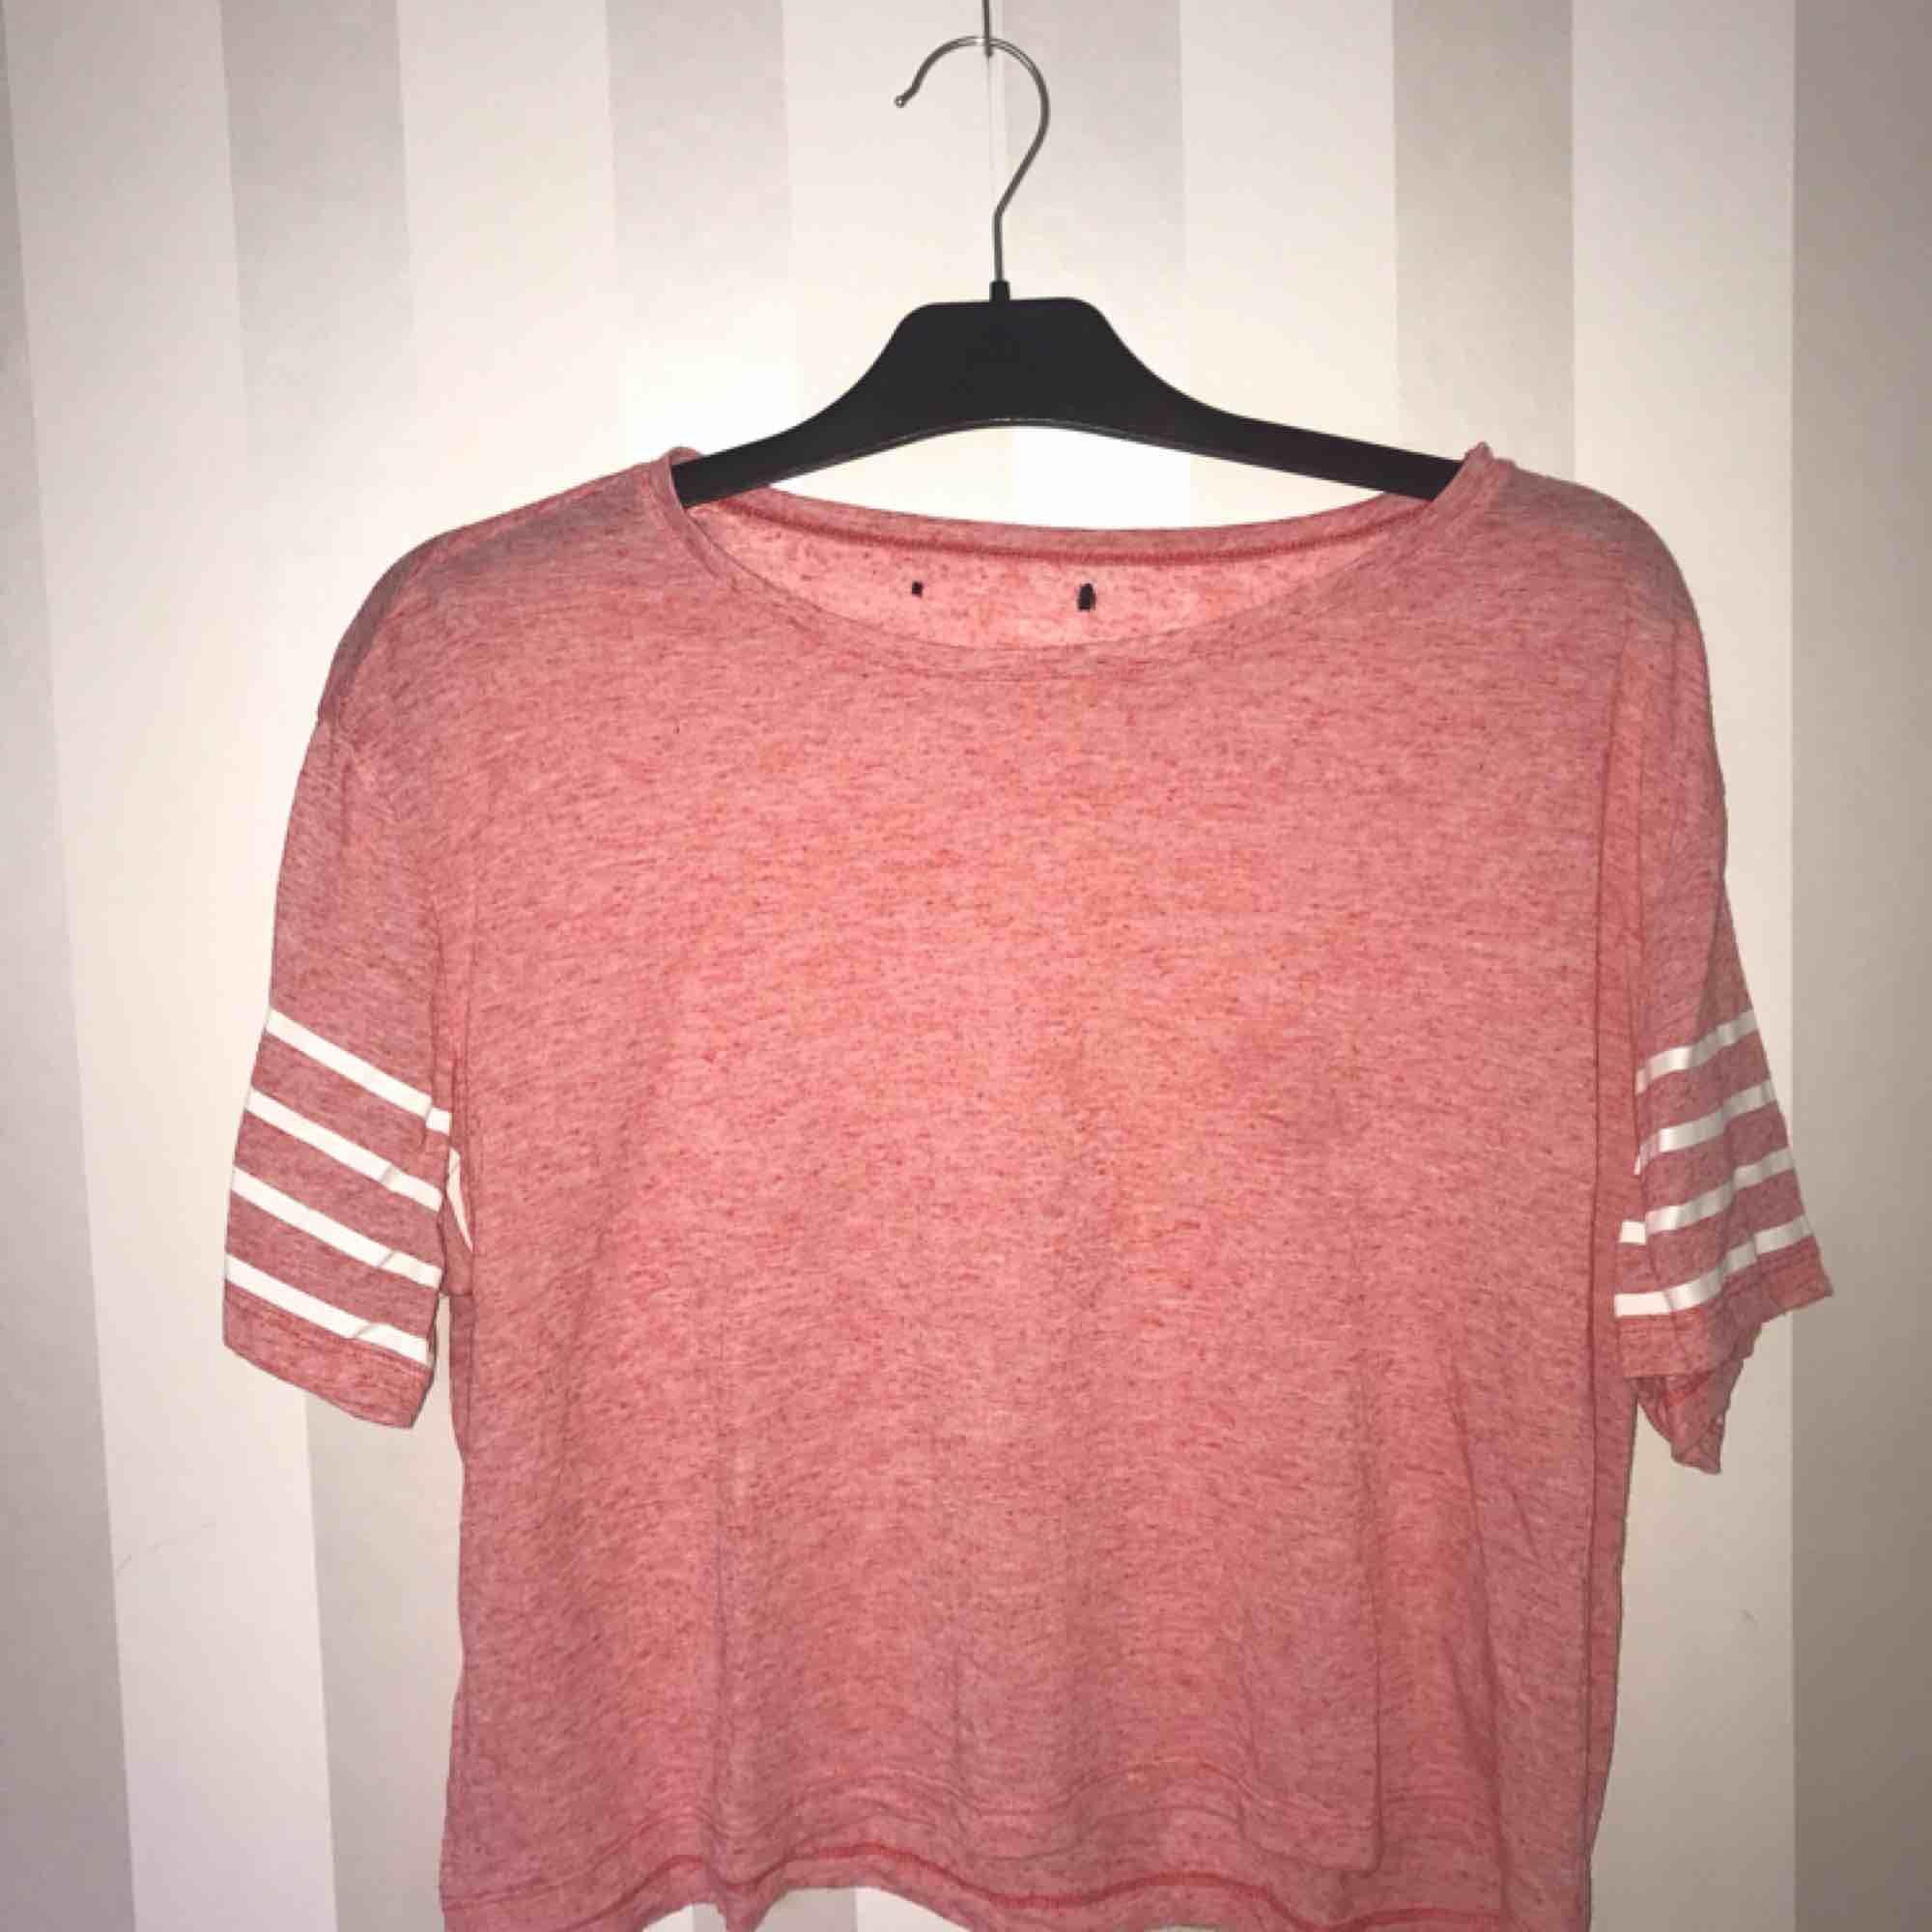 Vet inte märke eller storlek, men skulle gissa på M, ganska kort. . T-shirts.